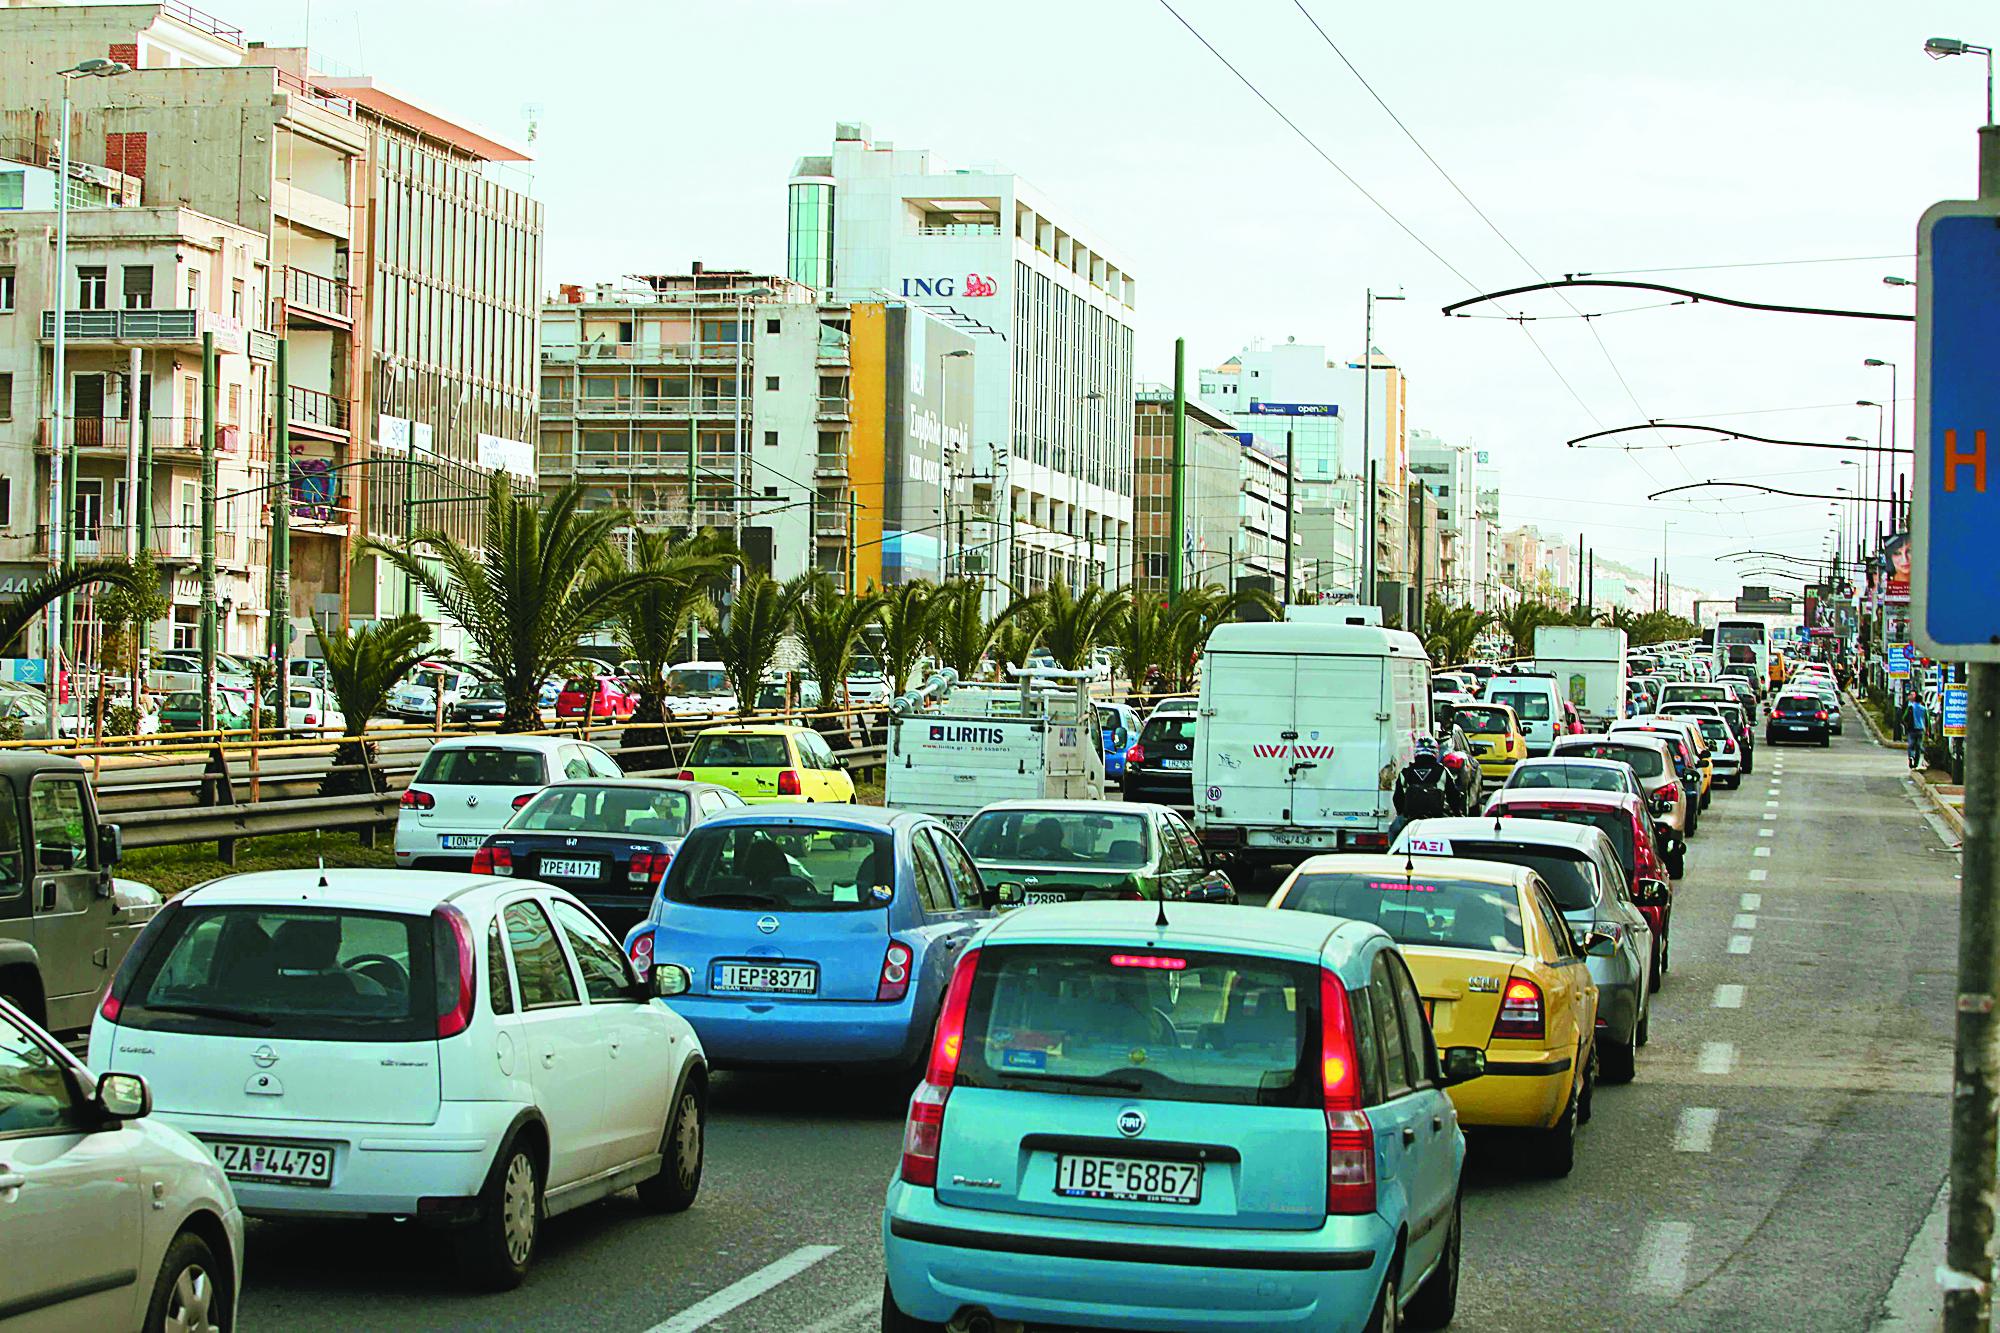 Ταλαιπωρία στους δρόμους, λόγω της απεργίας σε Μετρό-ΗΣΑΠ-Τραμ | tovima.gr